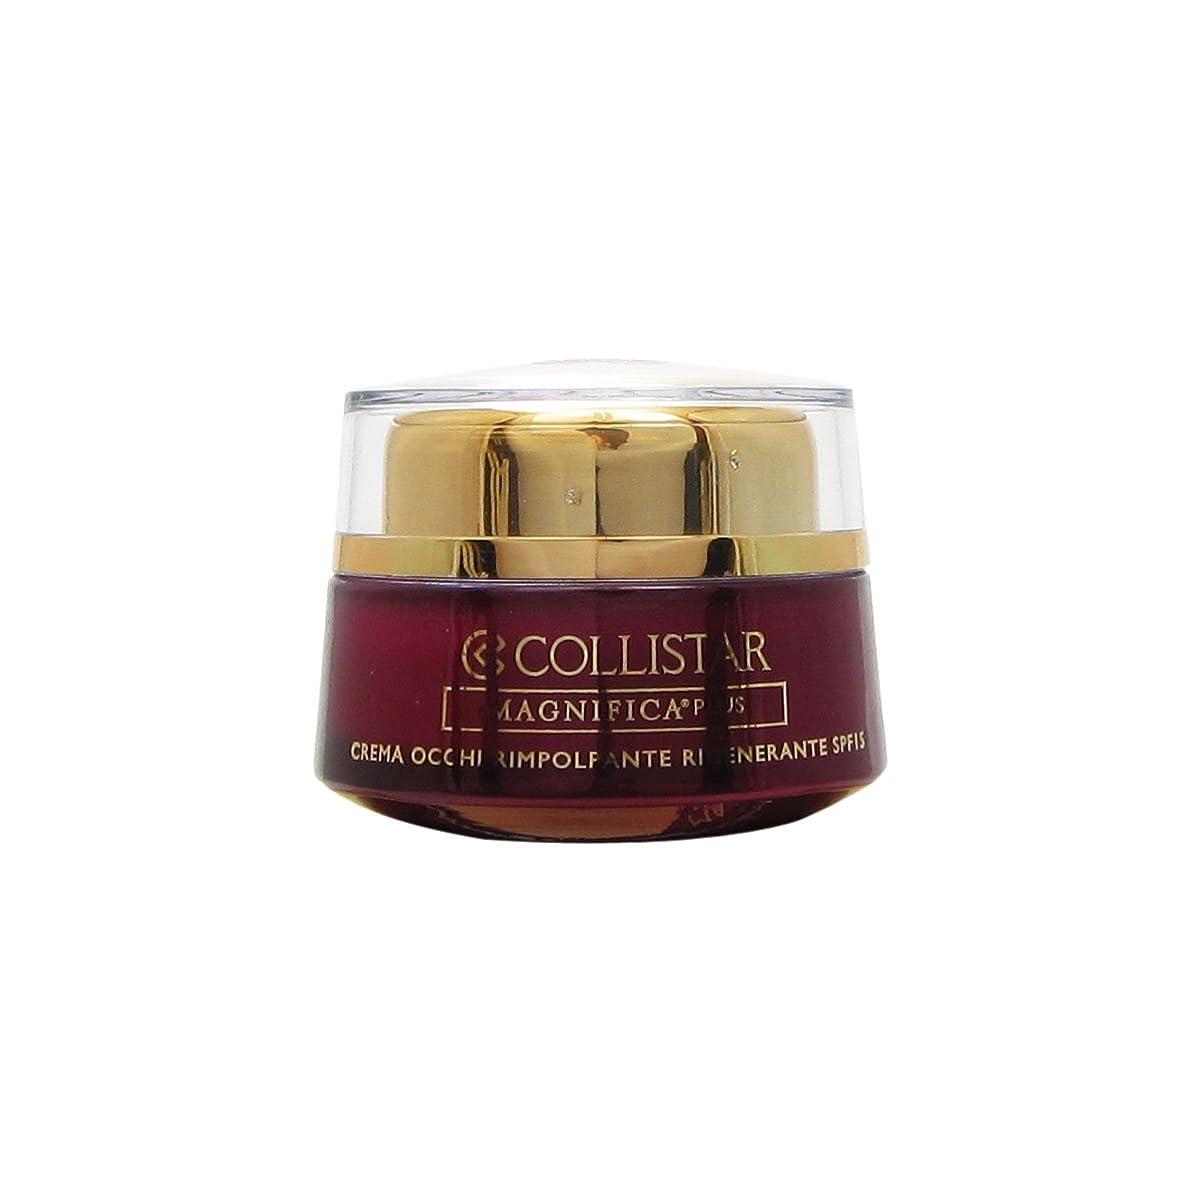 ブランド名避けられないブレンドCollistar Magnifica Plus Replumping Regenerating Eye Cream Spf15 15ml [並行輸入品]